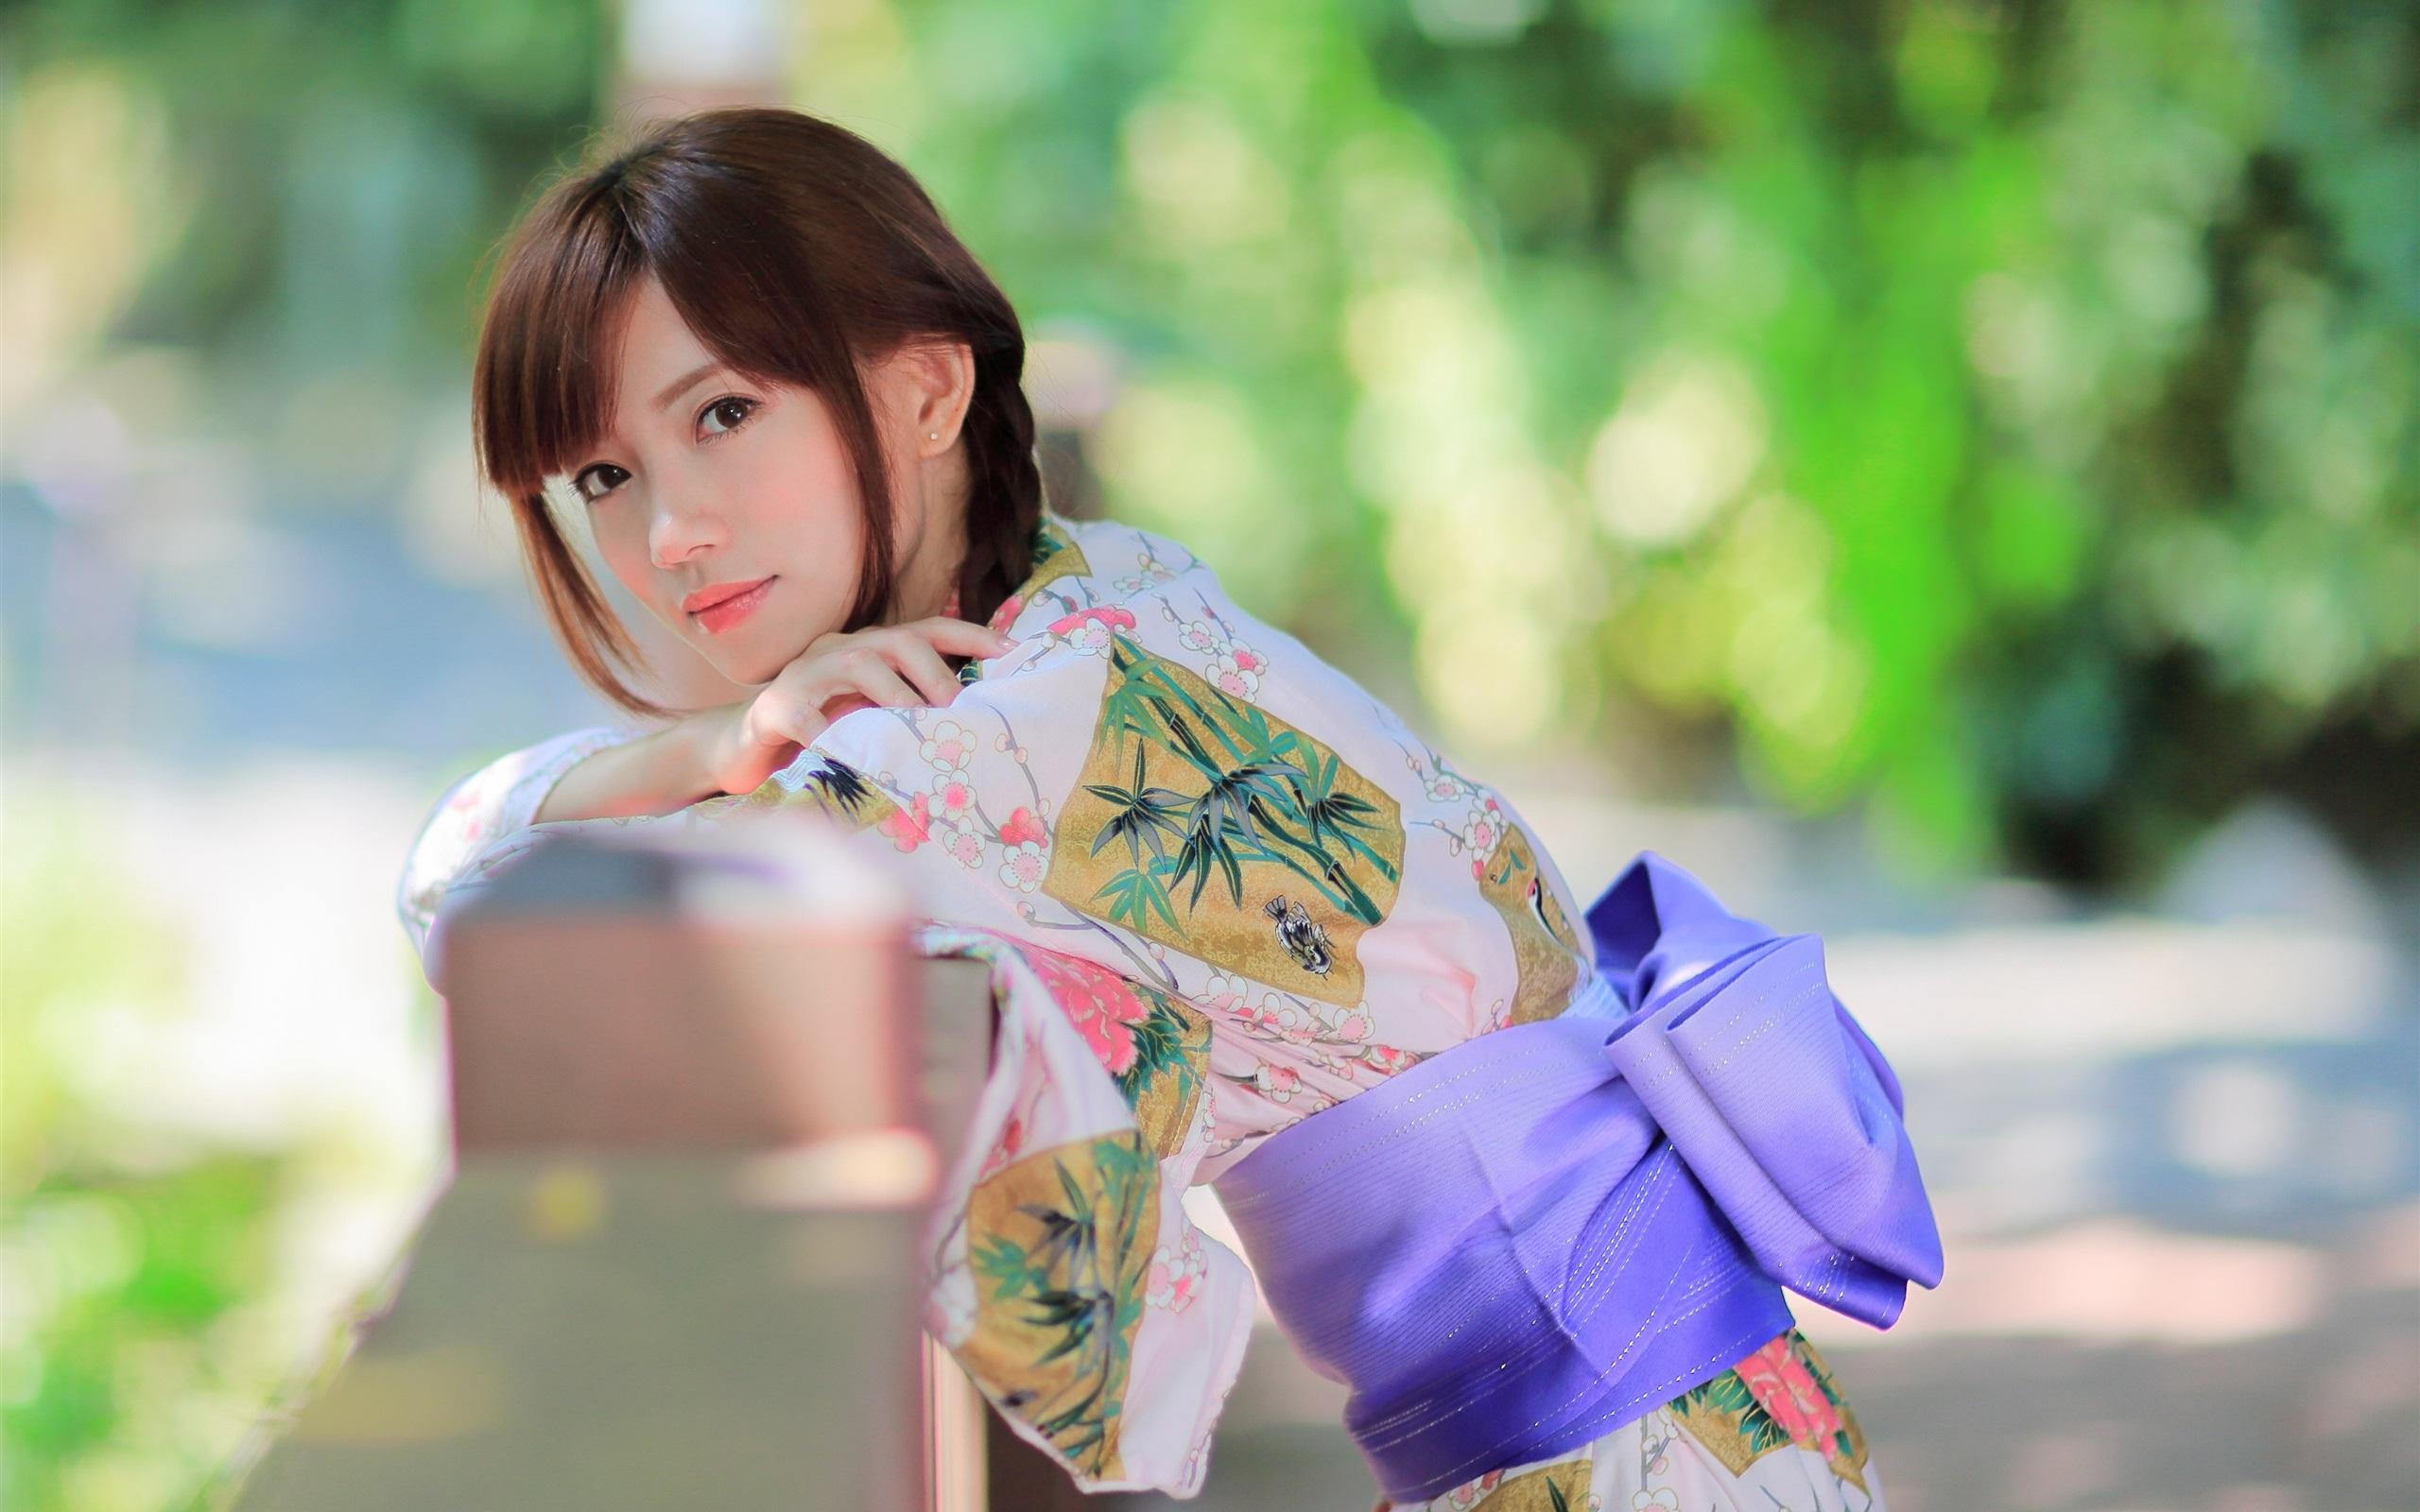 بالصور بنات اليابان , مجموعة من اجمل صور البنات اليابانيات 6083 8